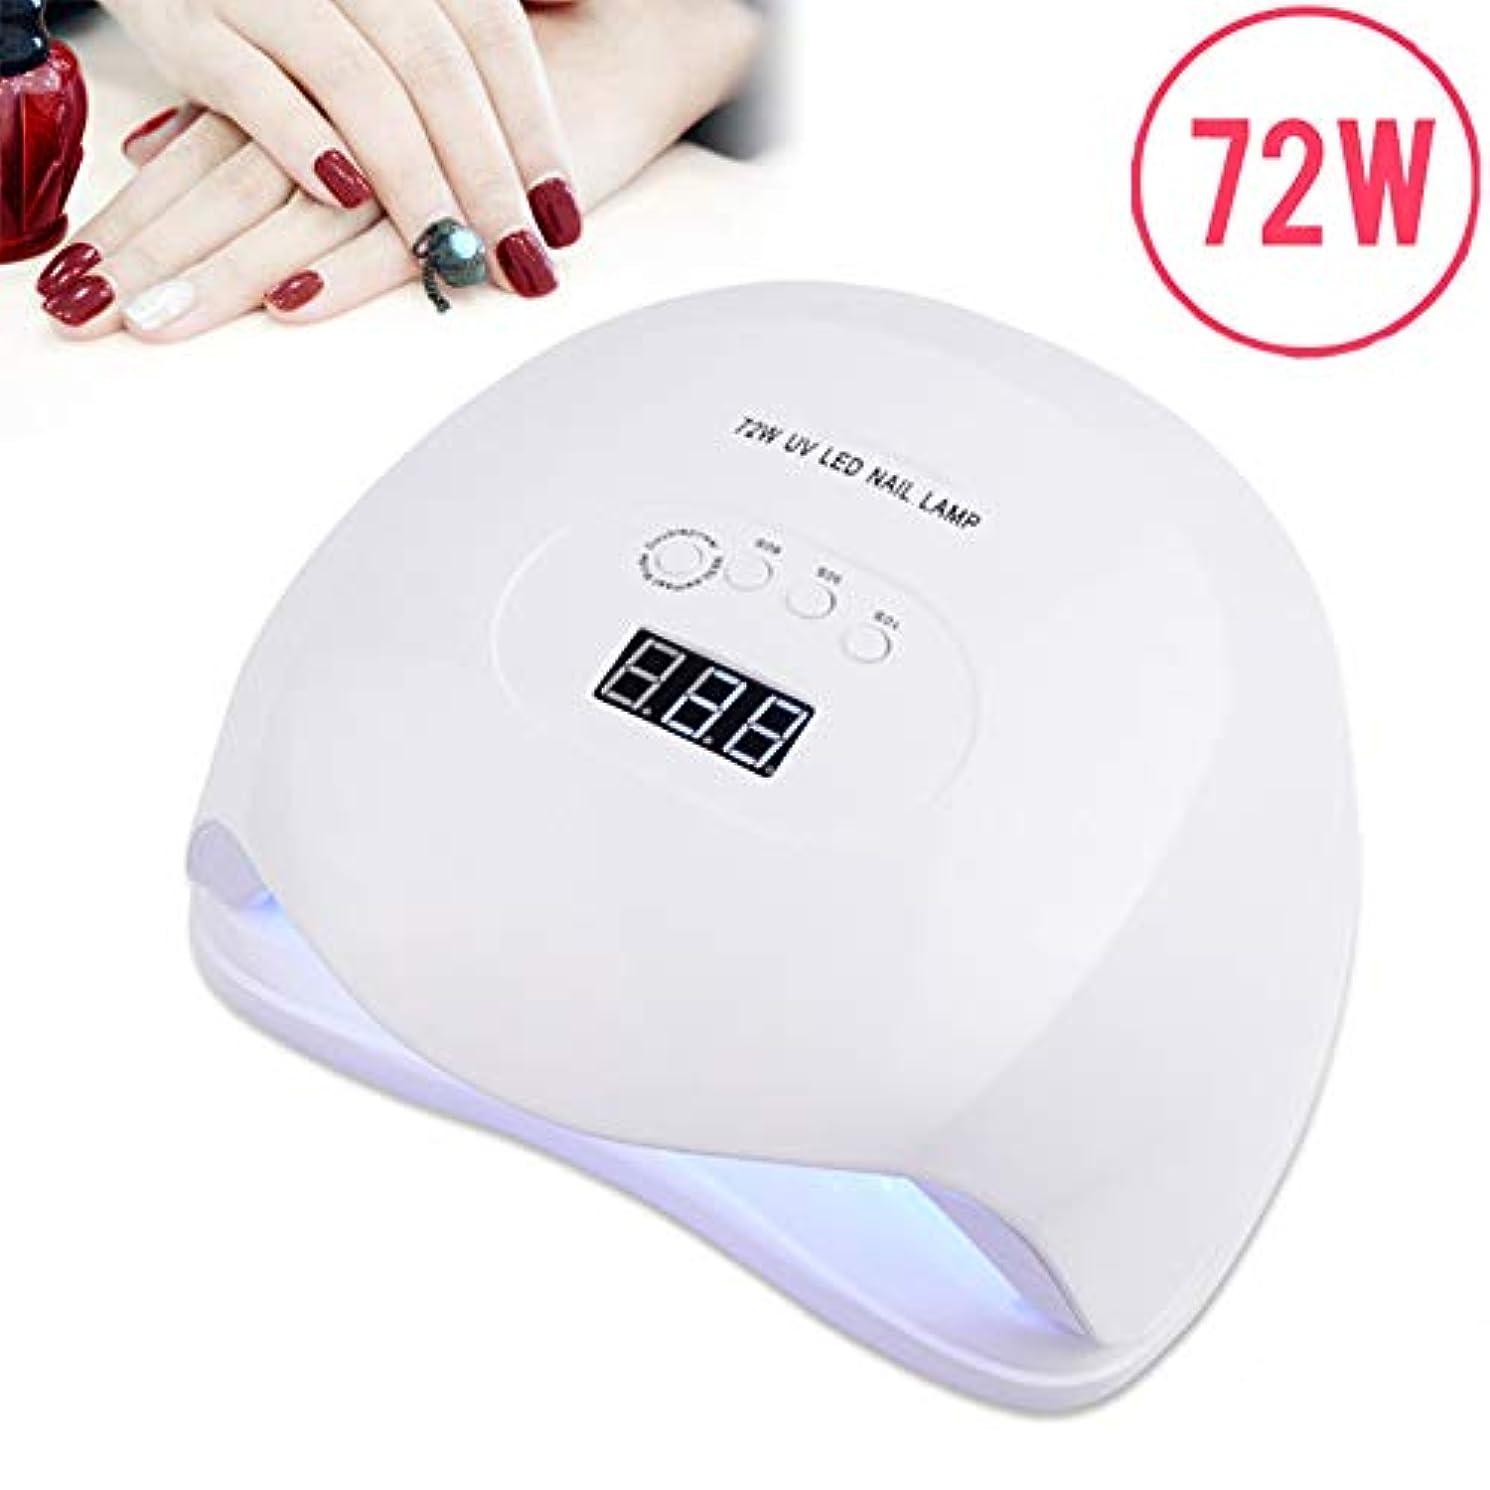 高速LED UVネイルドライヤーランプ、72W高速のジェルポリッシュ用ネイルドライヤー、LEDデジタルディスプレイ付きスマートオートセンシング、4タイマー設定10/30/60 / 99S、指と足の爪用